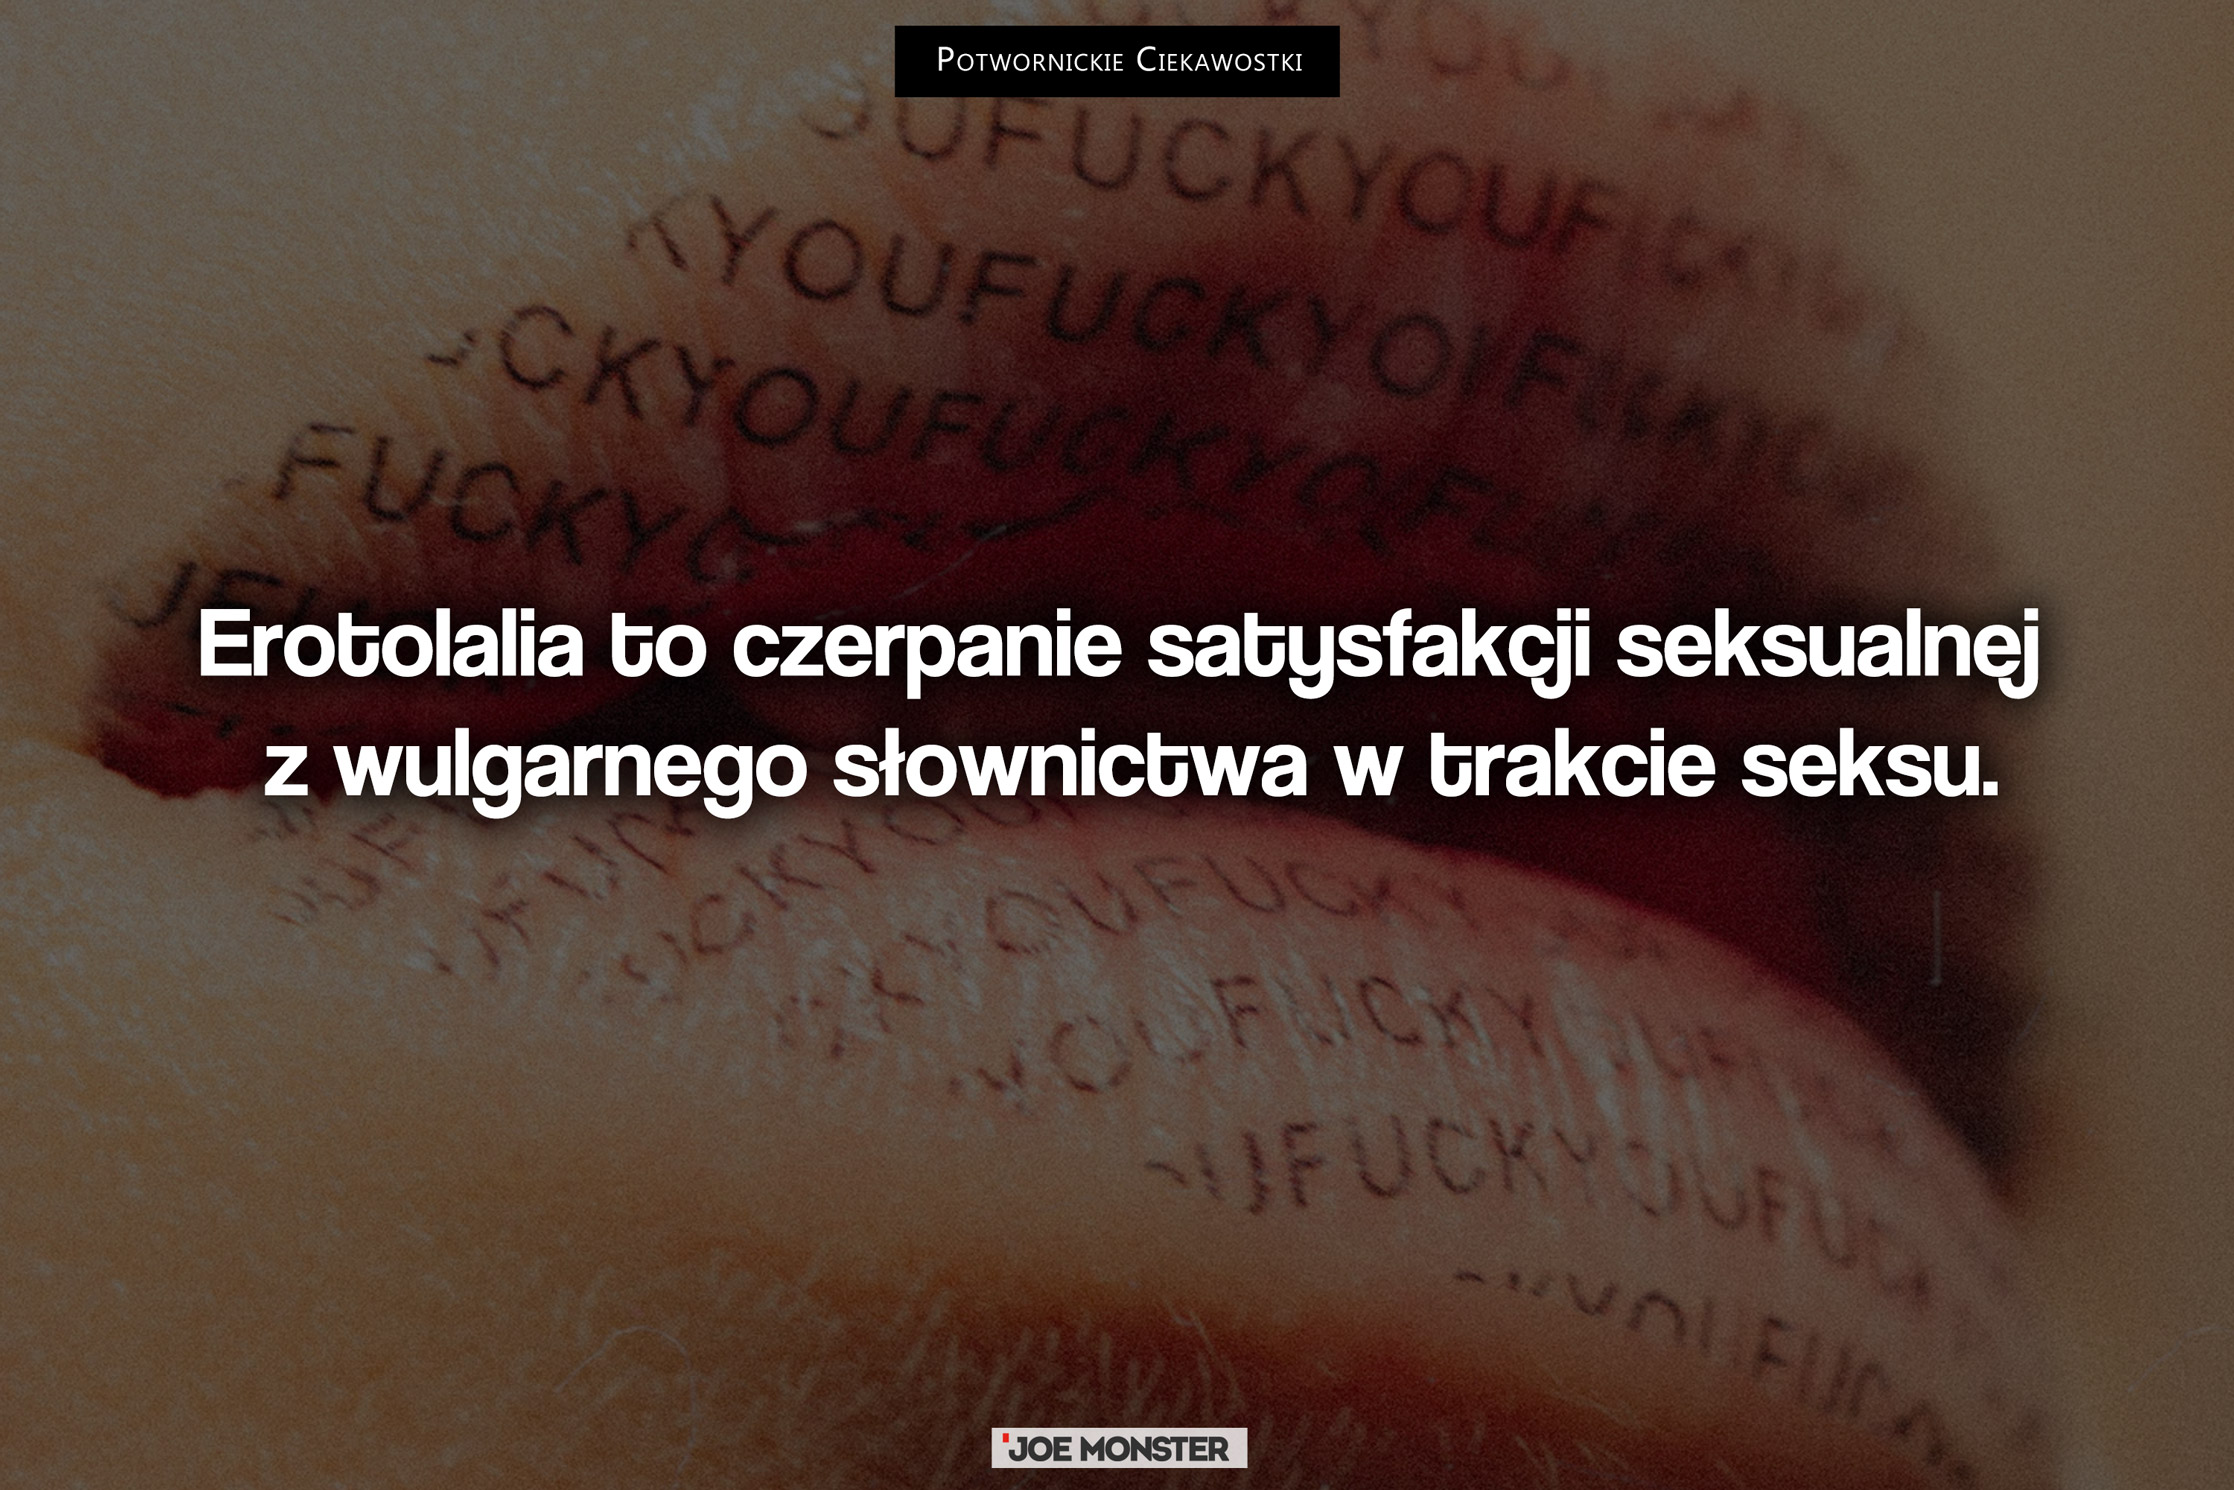 Erotolalia to czerpanie satysfakcji seksualnej z wulgarnego słownictwa w trakcie seksu.